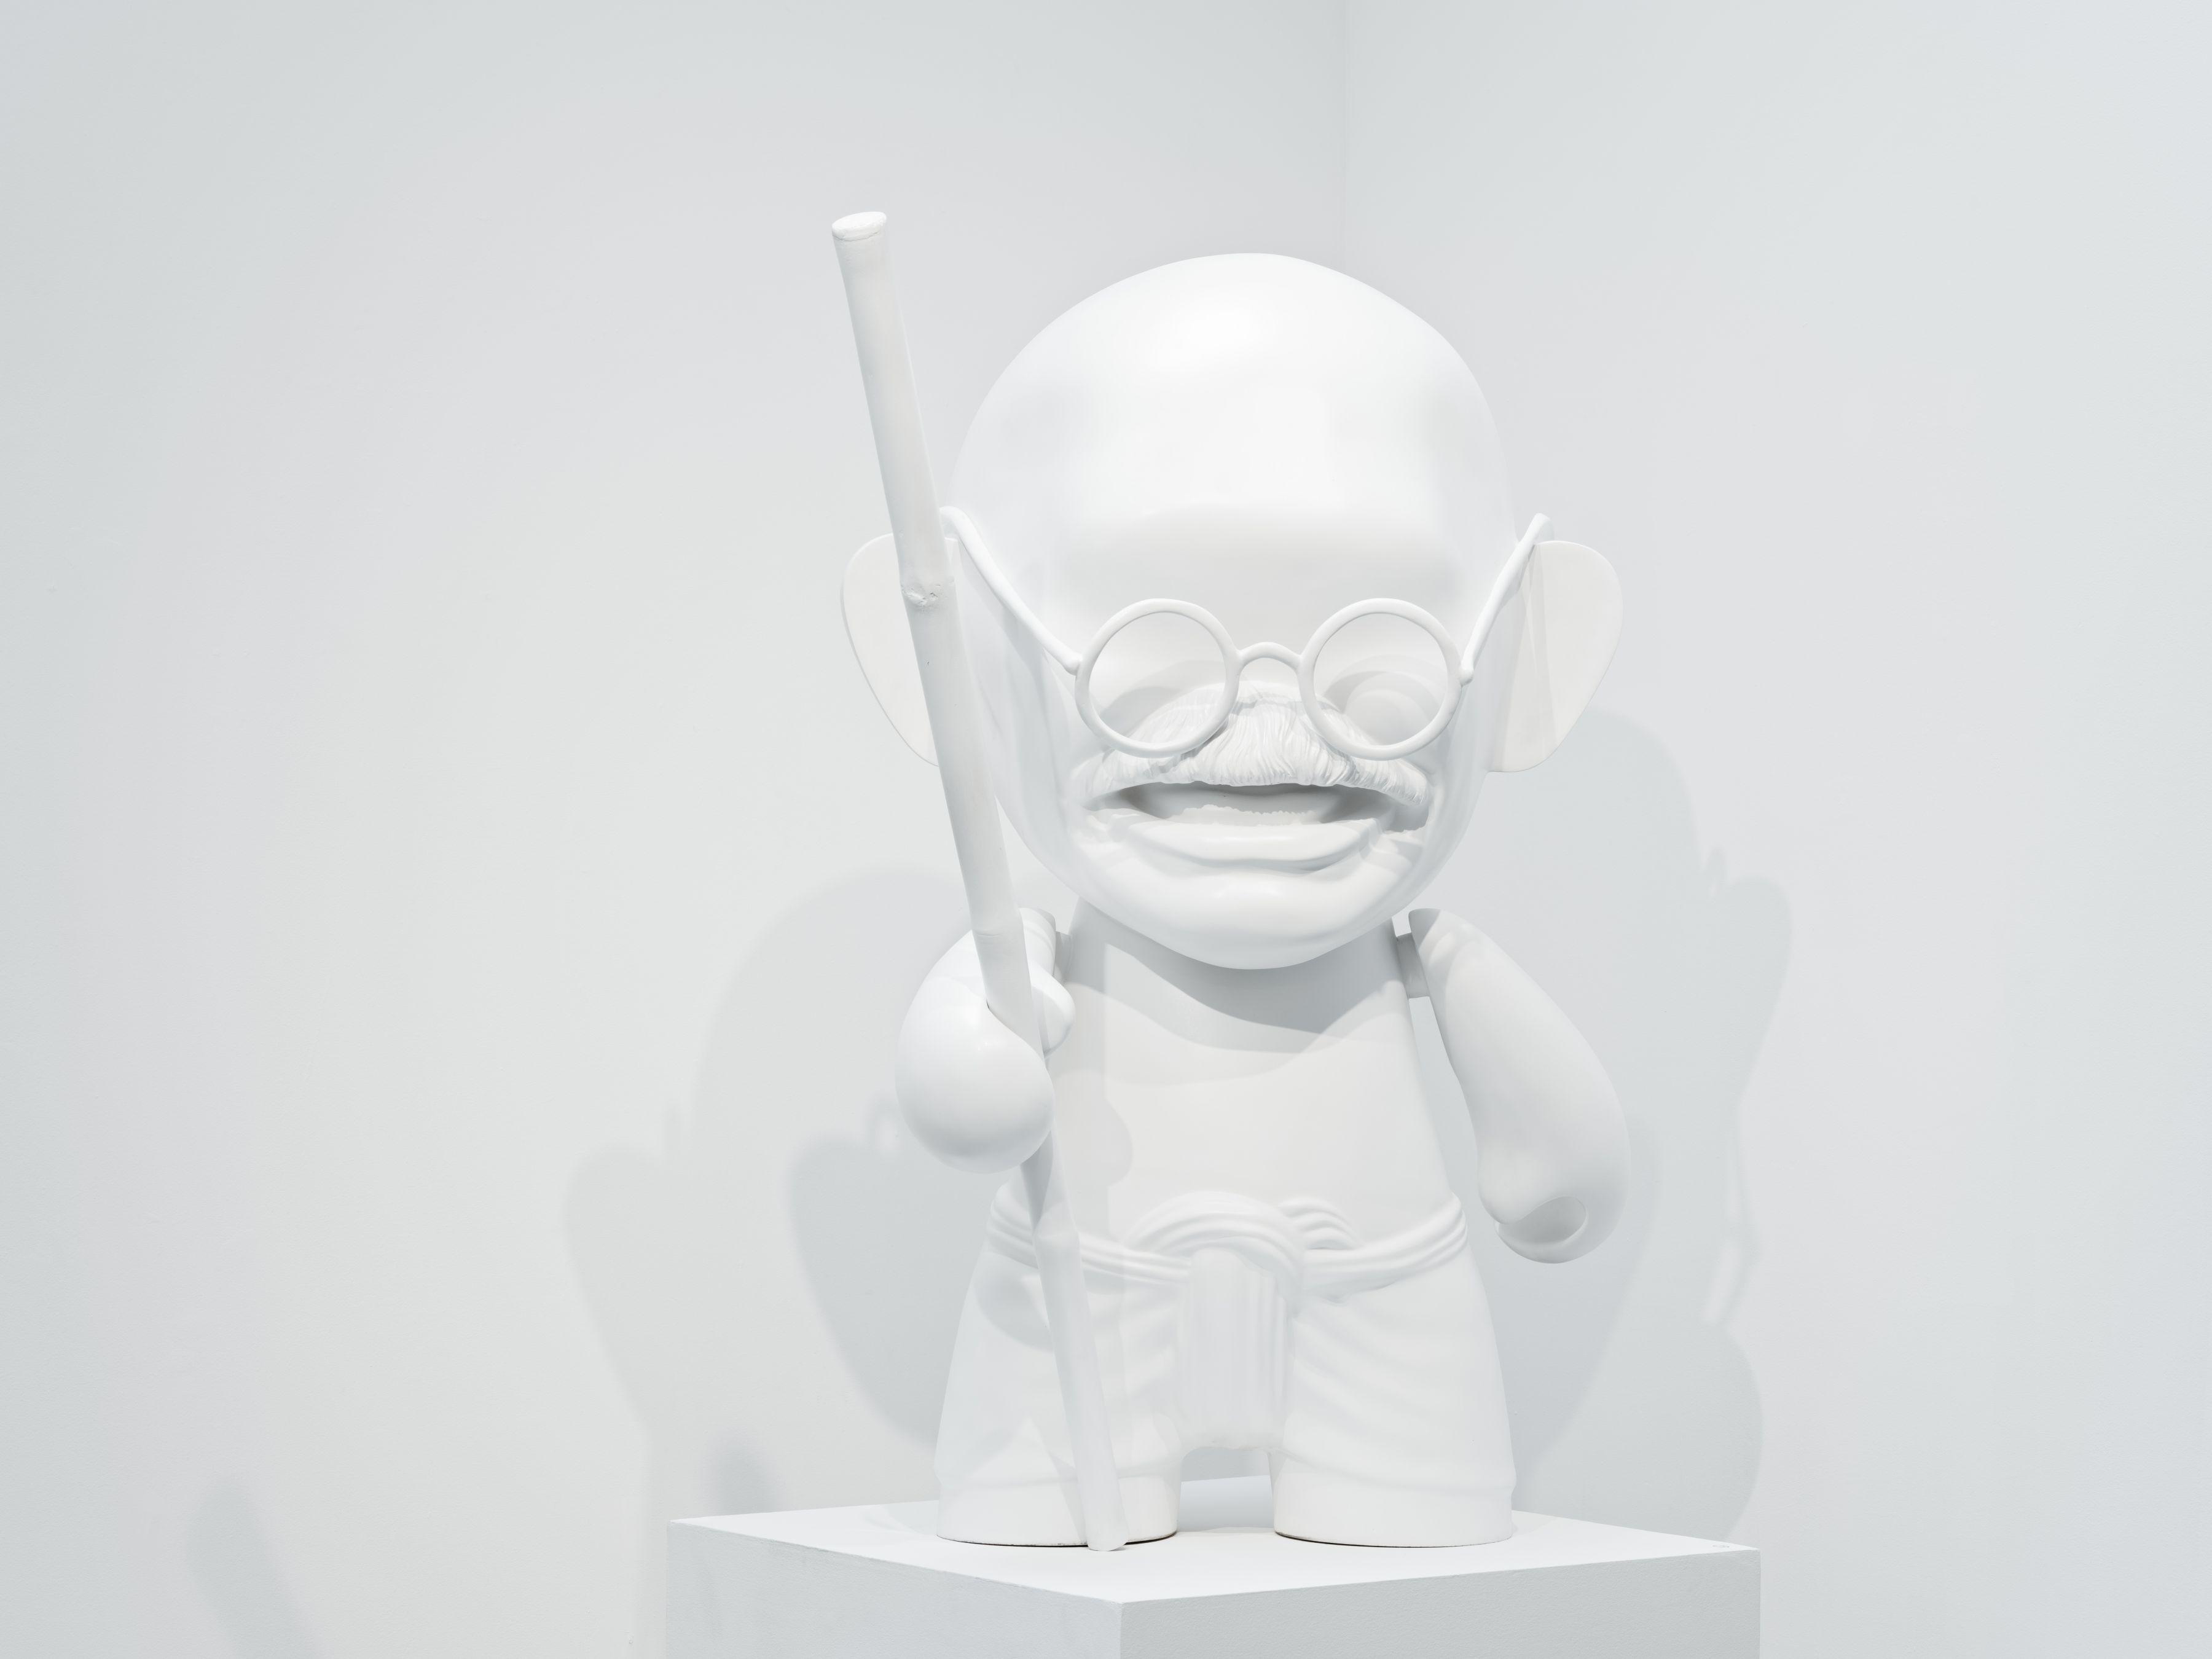 Toy Gandhi 1 (Munny Doll)